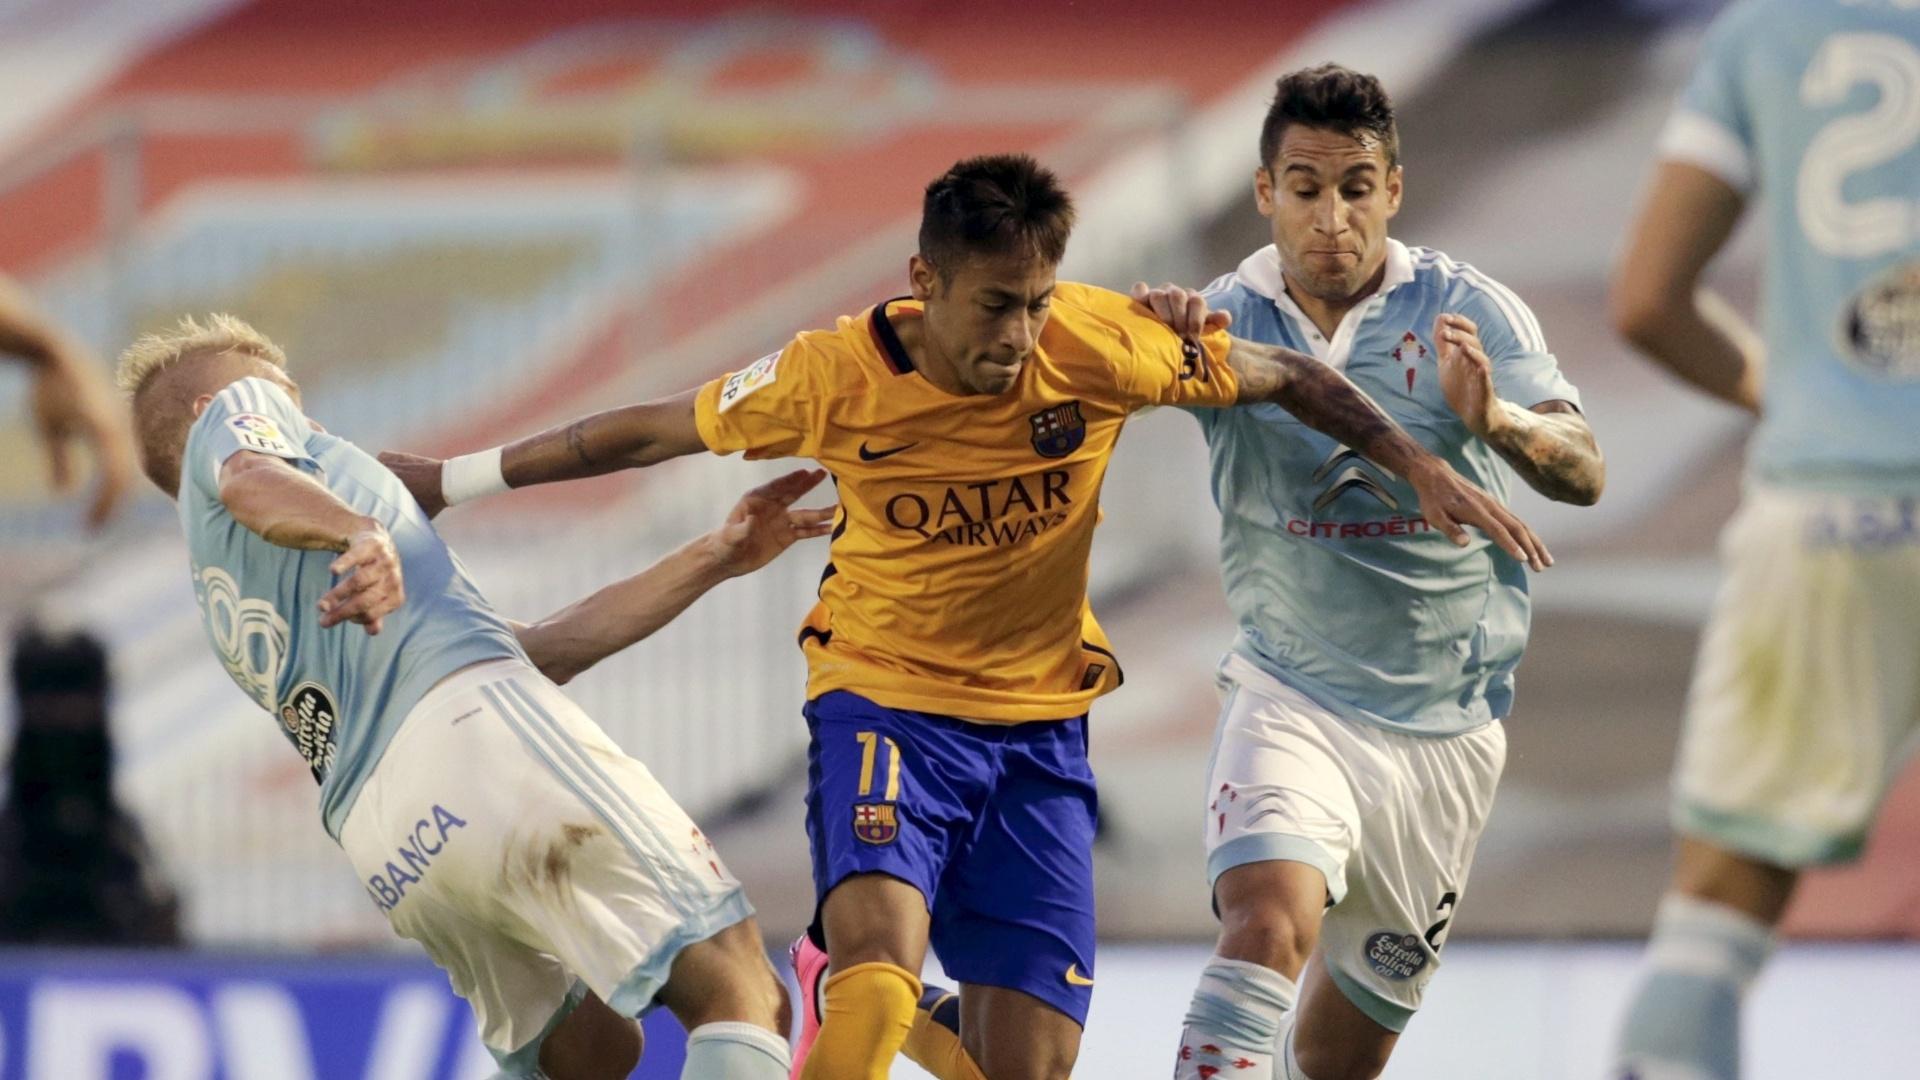 Neymar tenta alcançar a bola no confronto entre Barcelona e Celta de Vigo